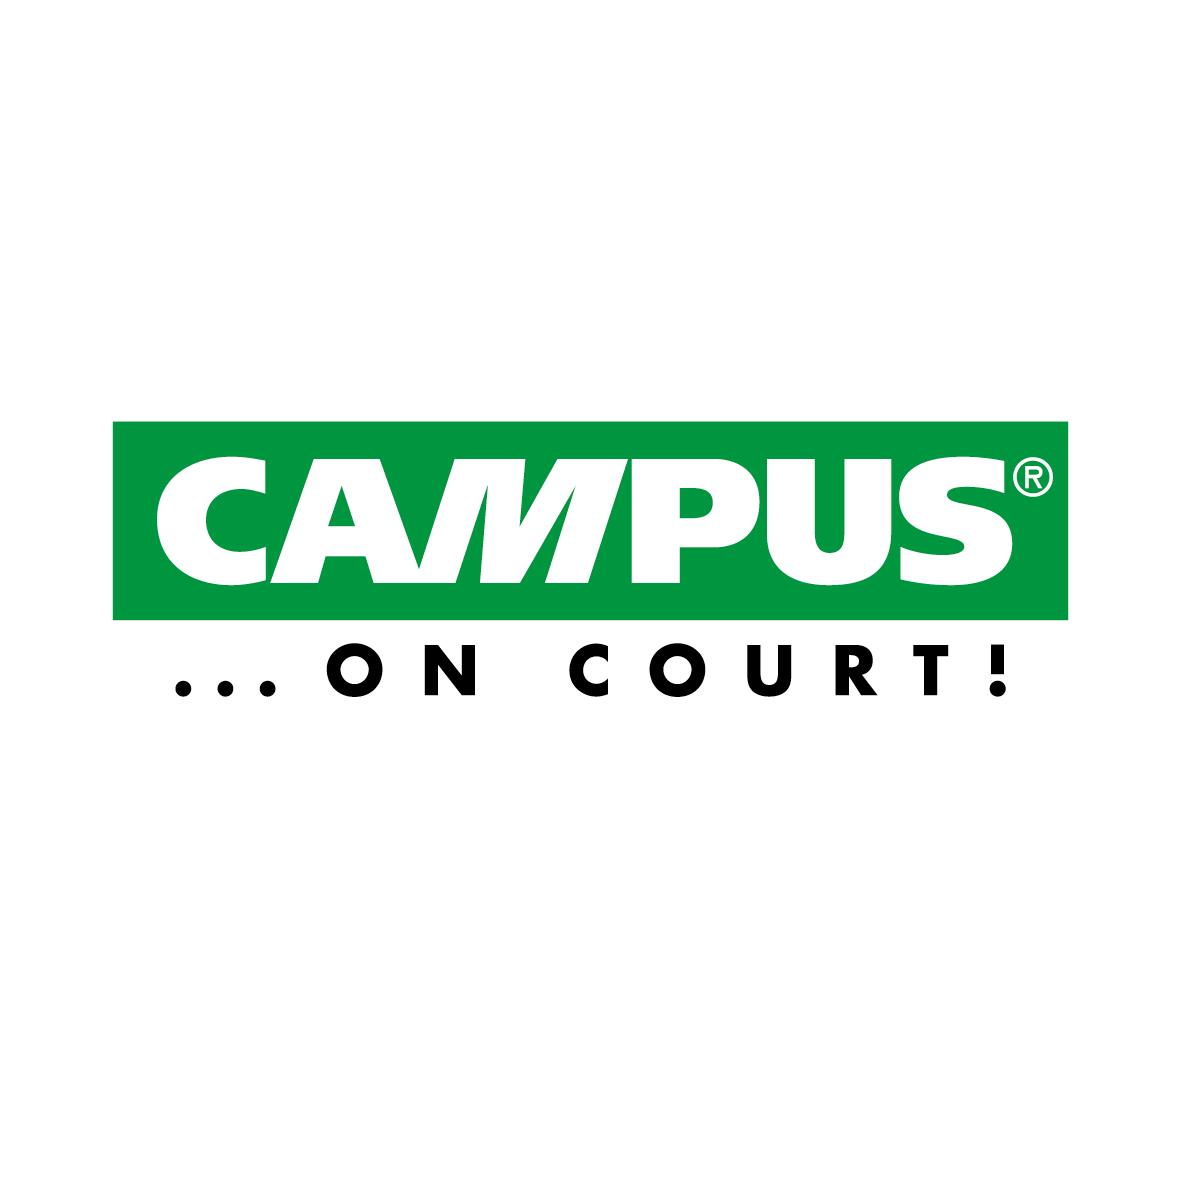 Campus Logo Agentur Hildesheim